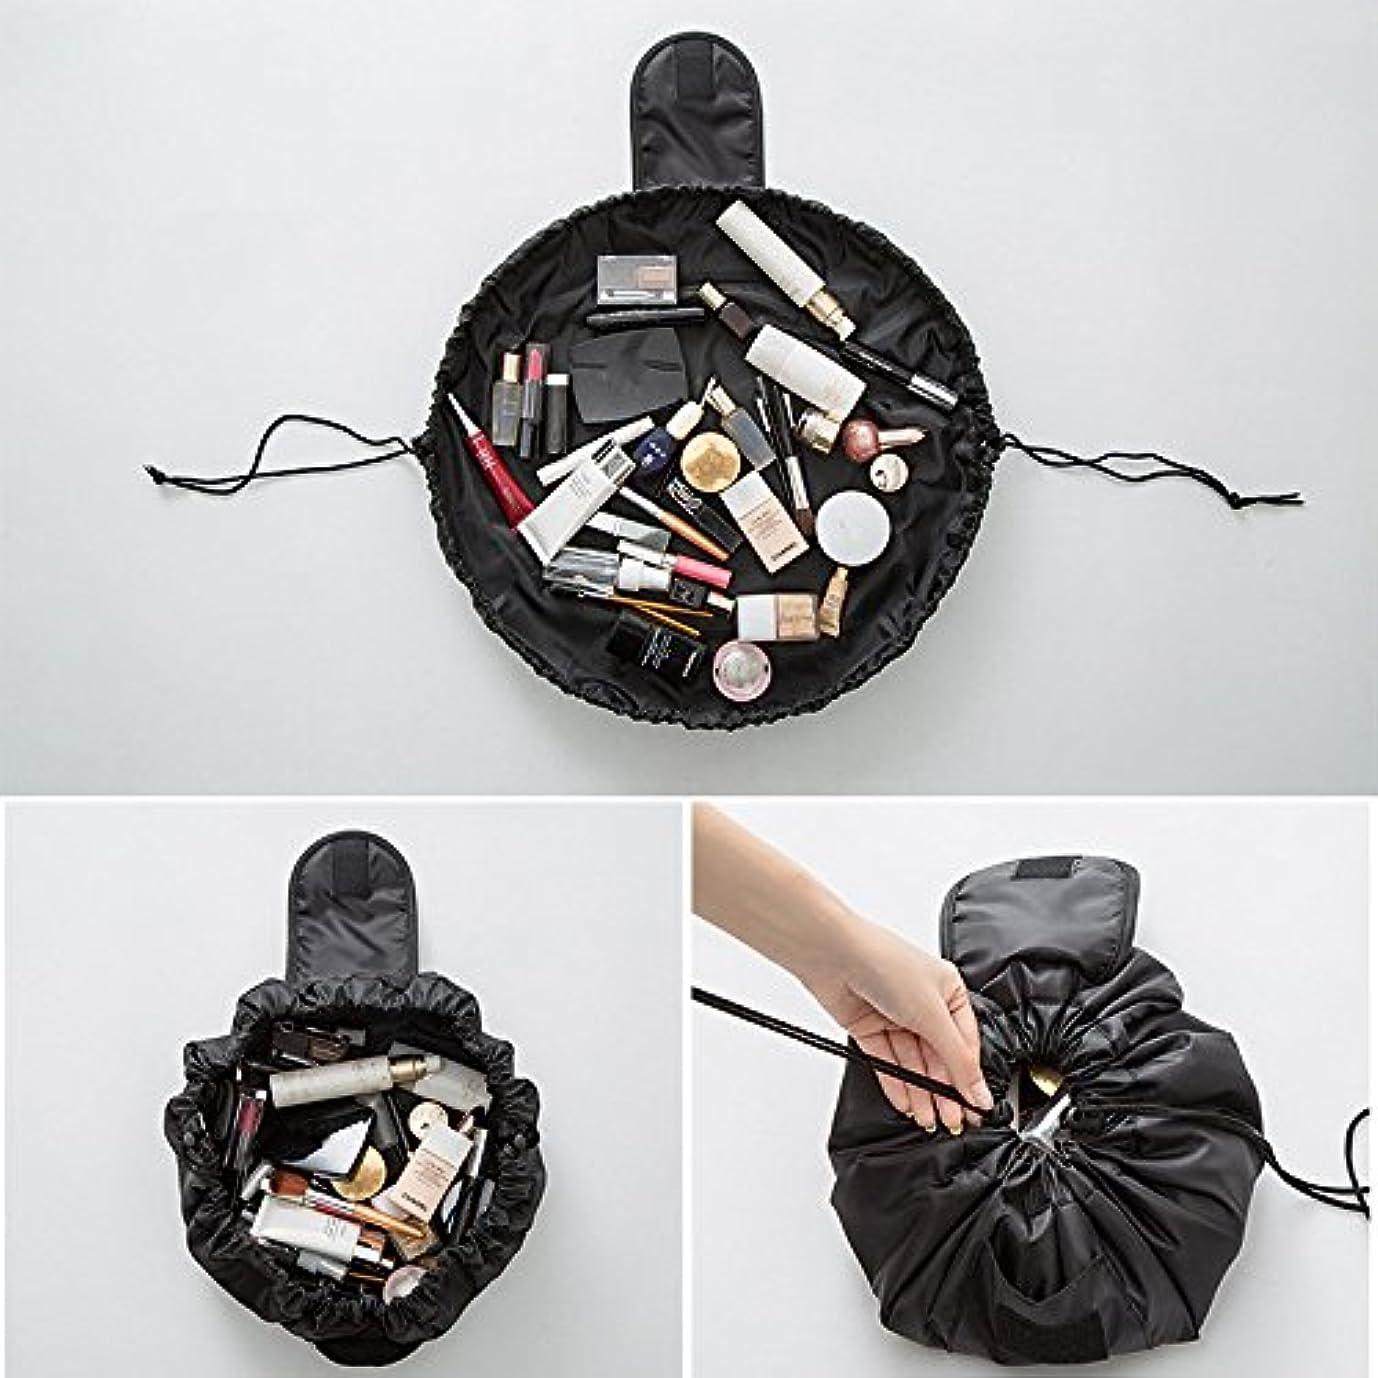 チョップセラフ酔った旅行メイクバッグ YOKINO 旅行化粧バッグ メイク収納バッグ 化粧ポーチ 大容量 巾着 マジックふろしきポーチ 風